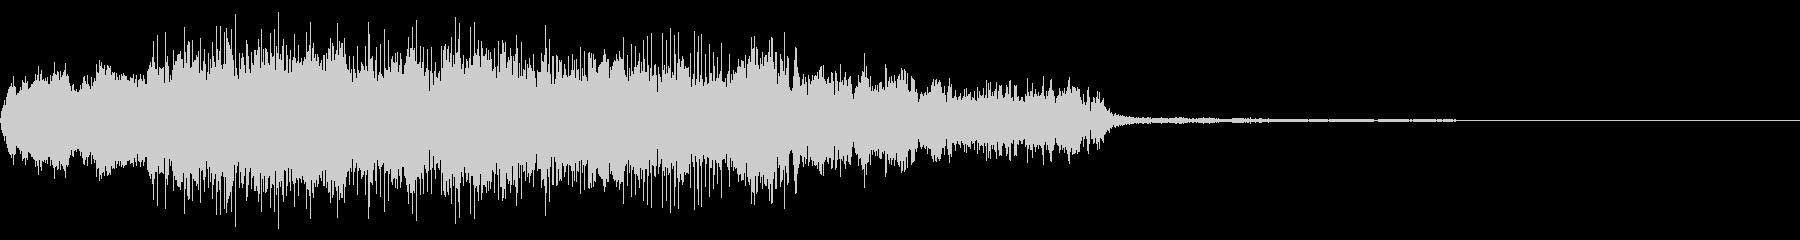 ドリフのコント風コミカルなトランペットの未再生の波形